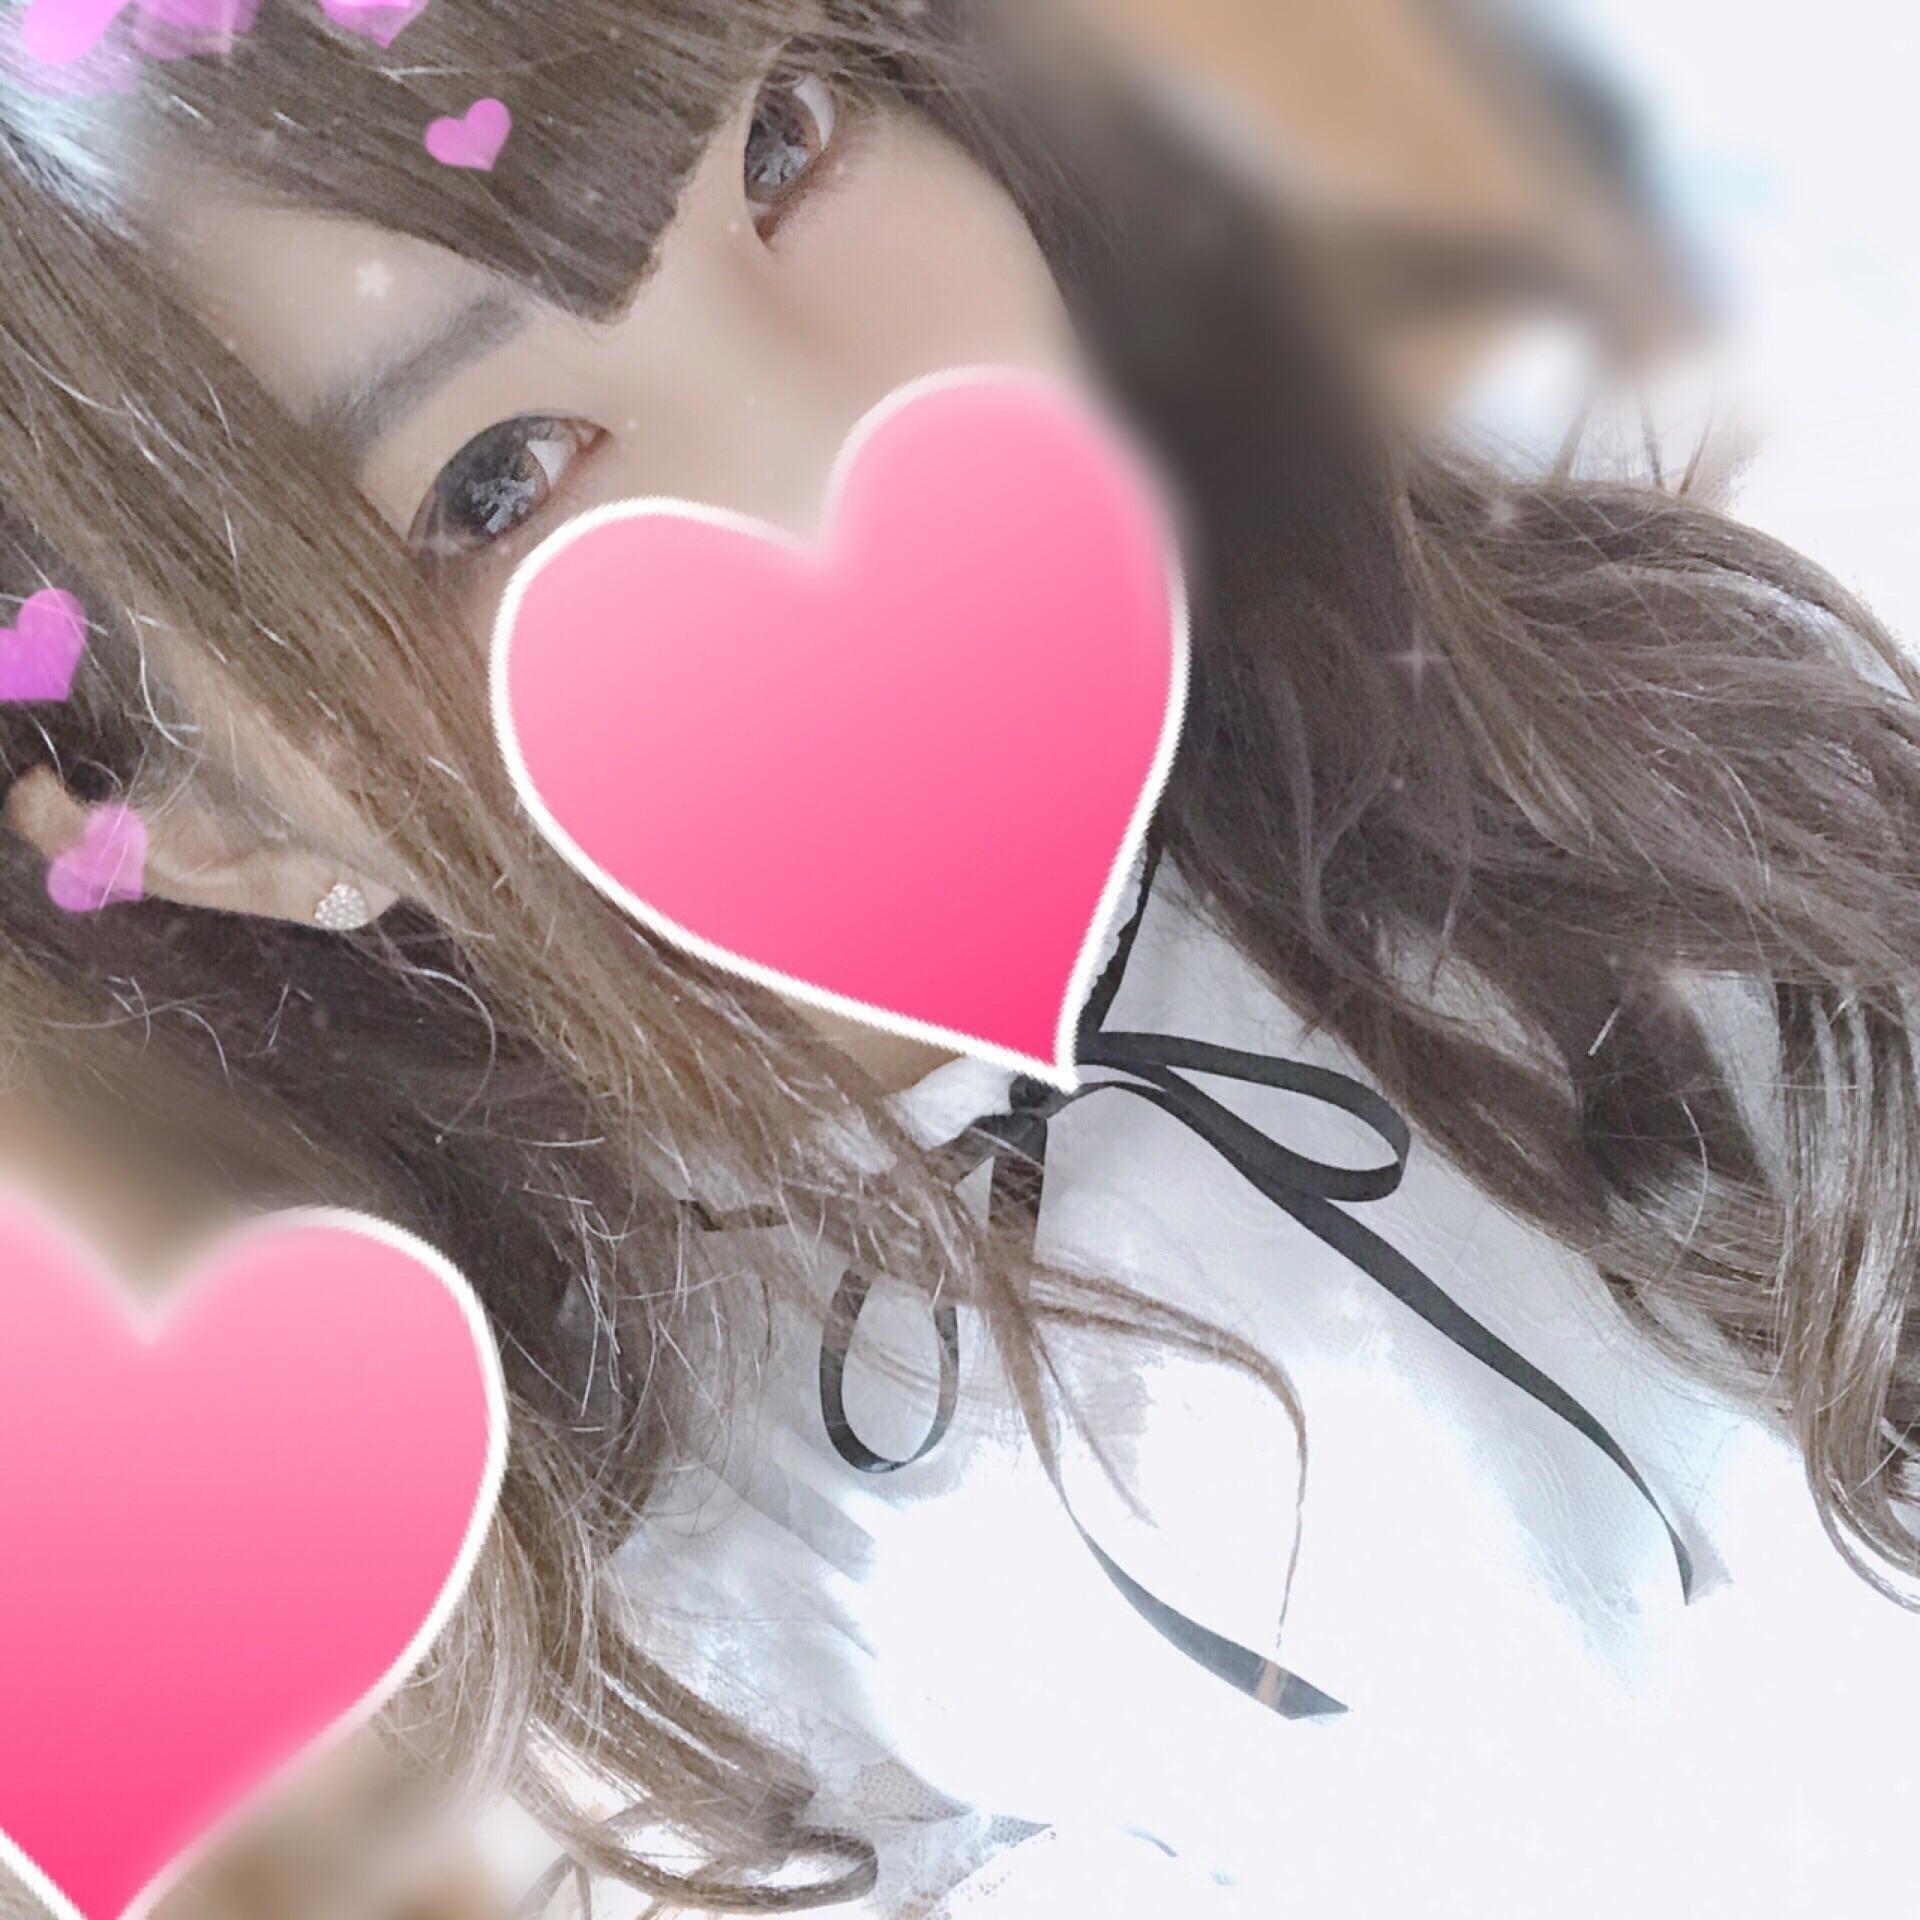 「はろうぃん♪」11/02(金) 19:05 | ゆうりの写メ・風俗動画